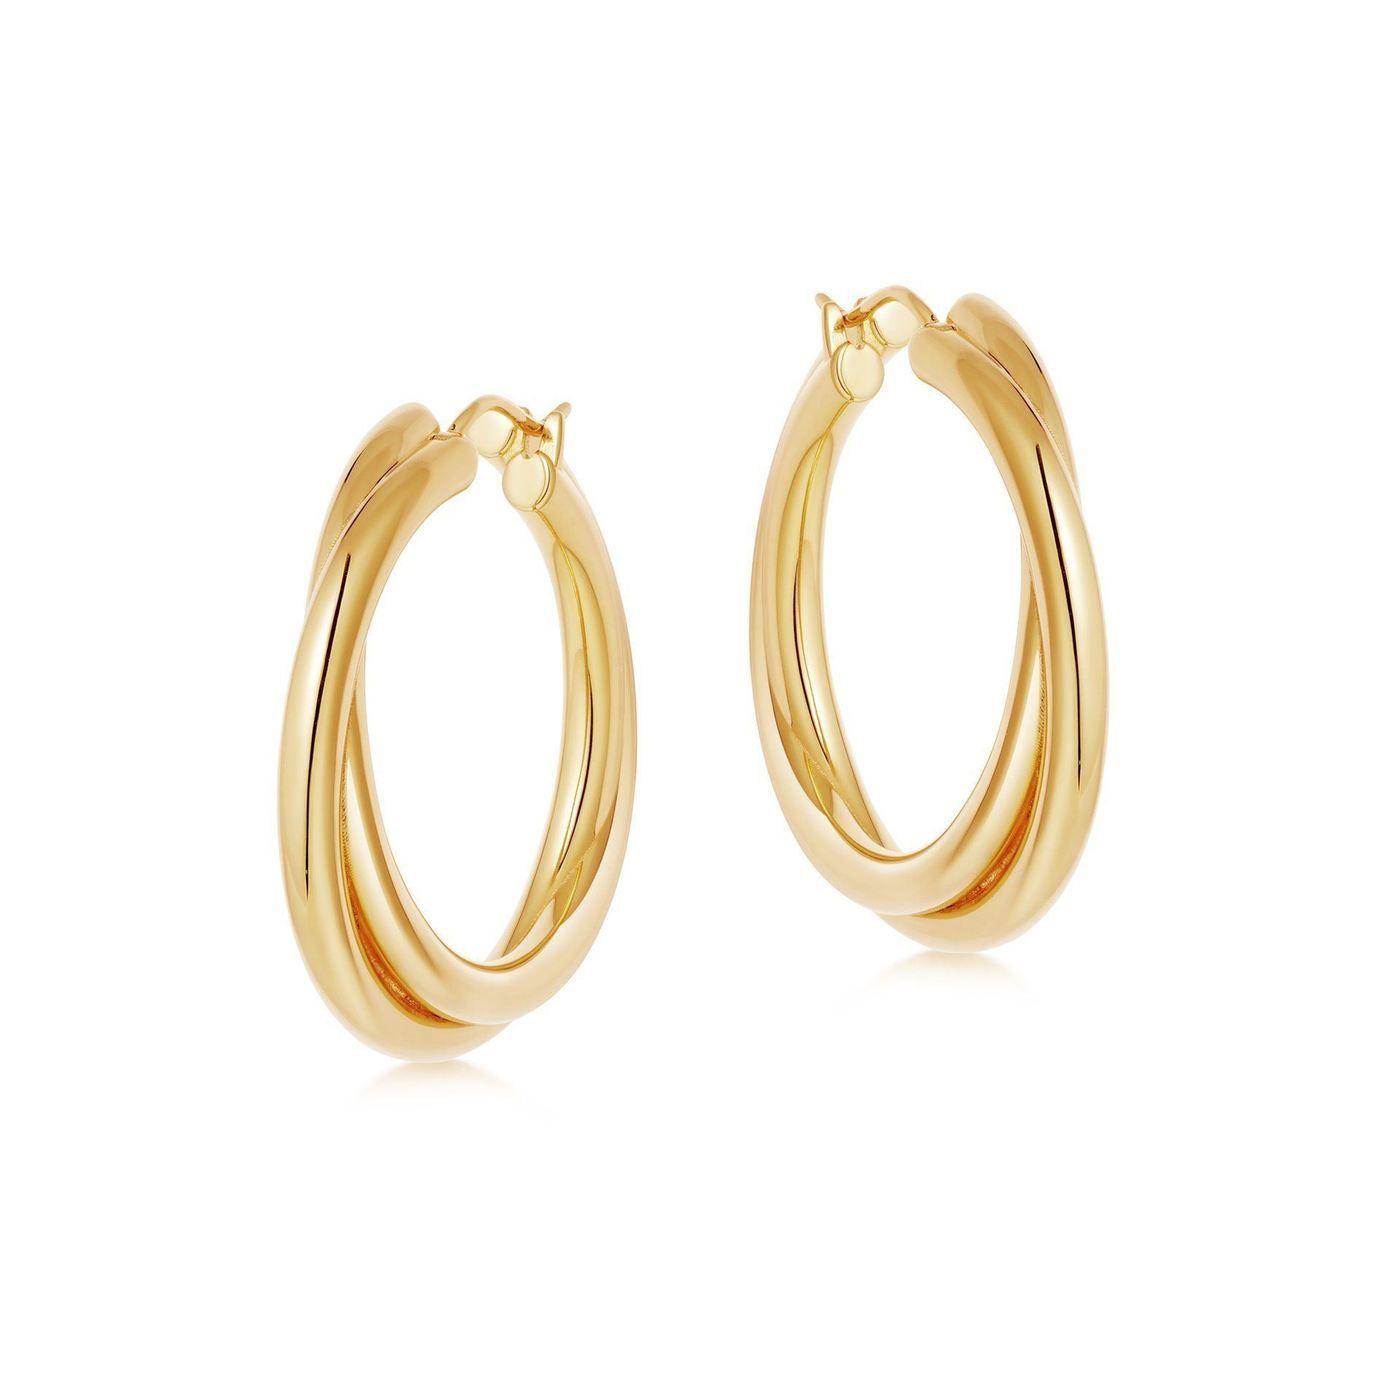 25+ Fine jewelry gold hoop earrings info